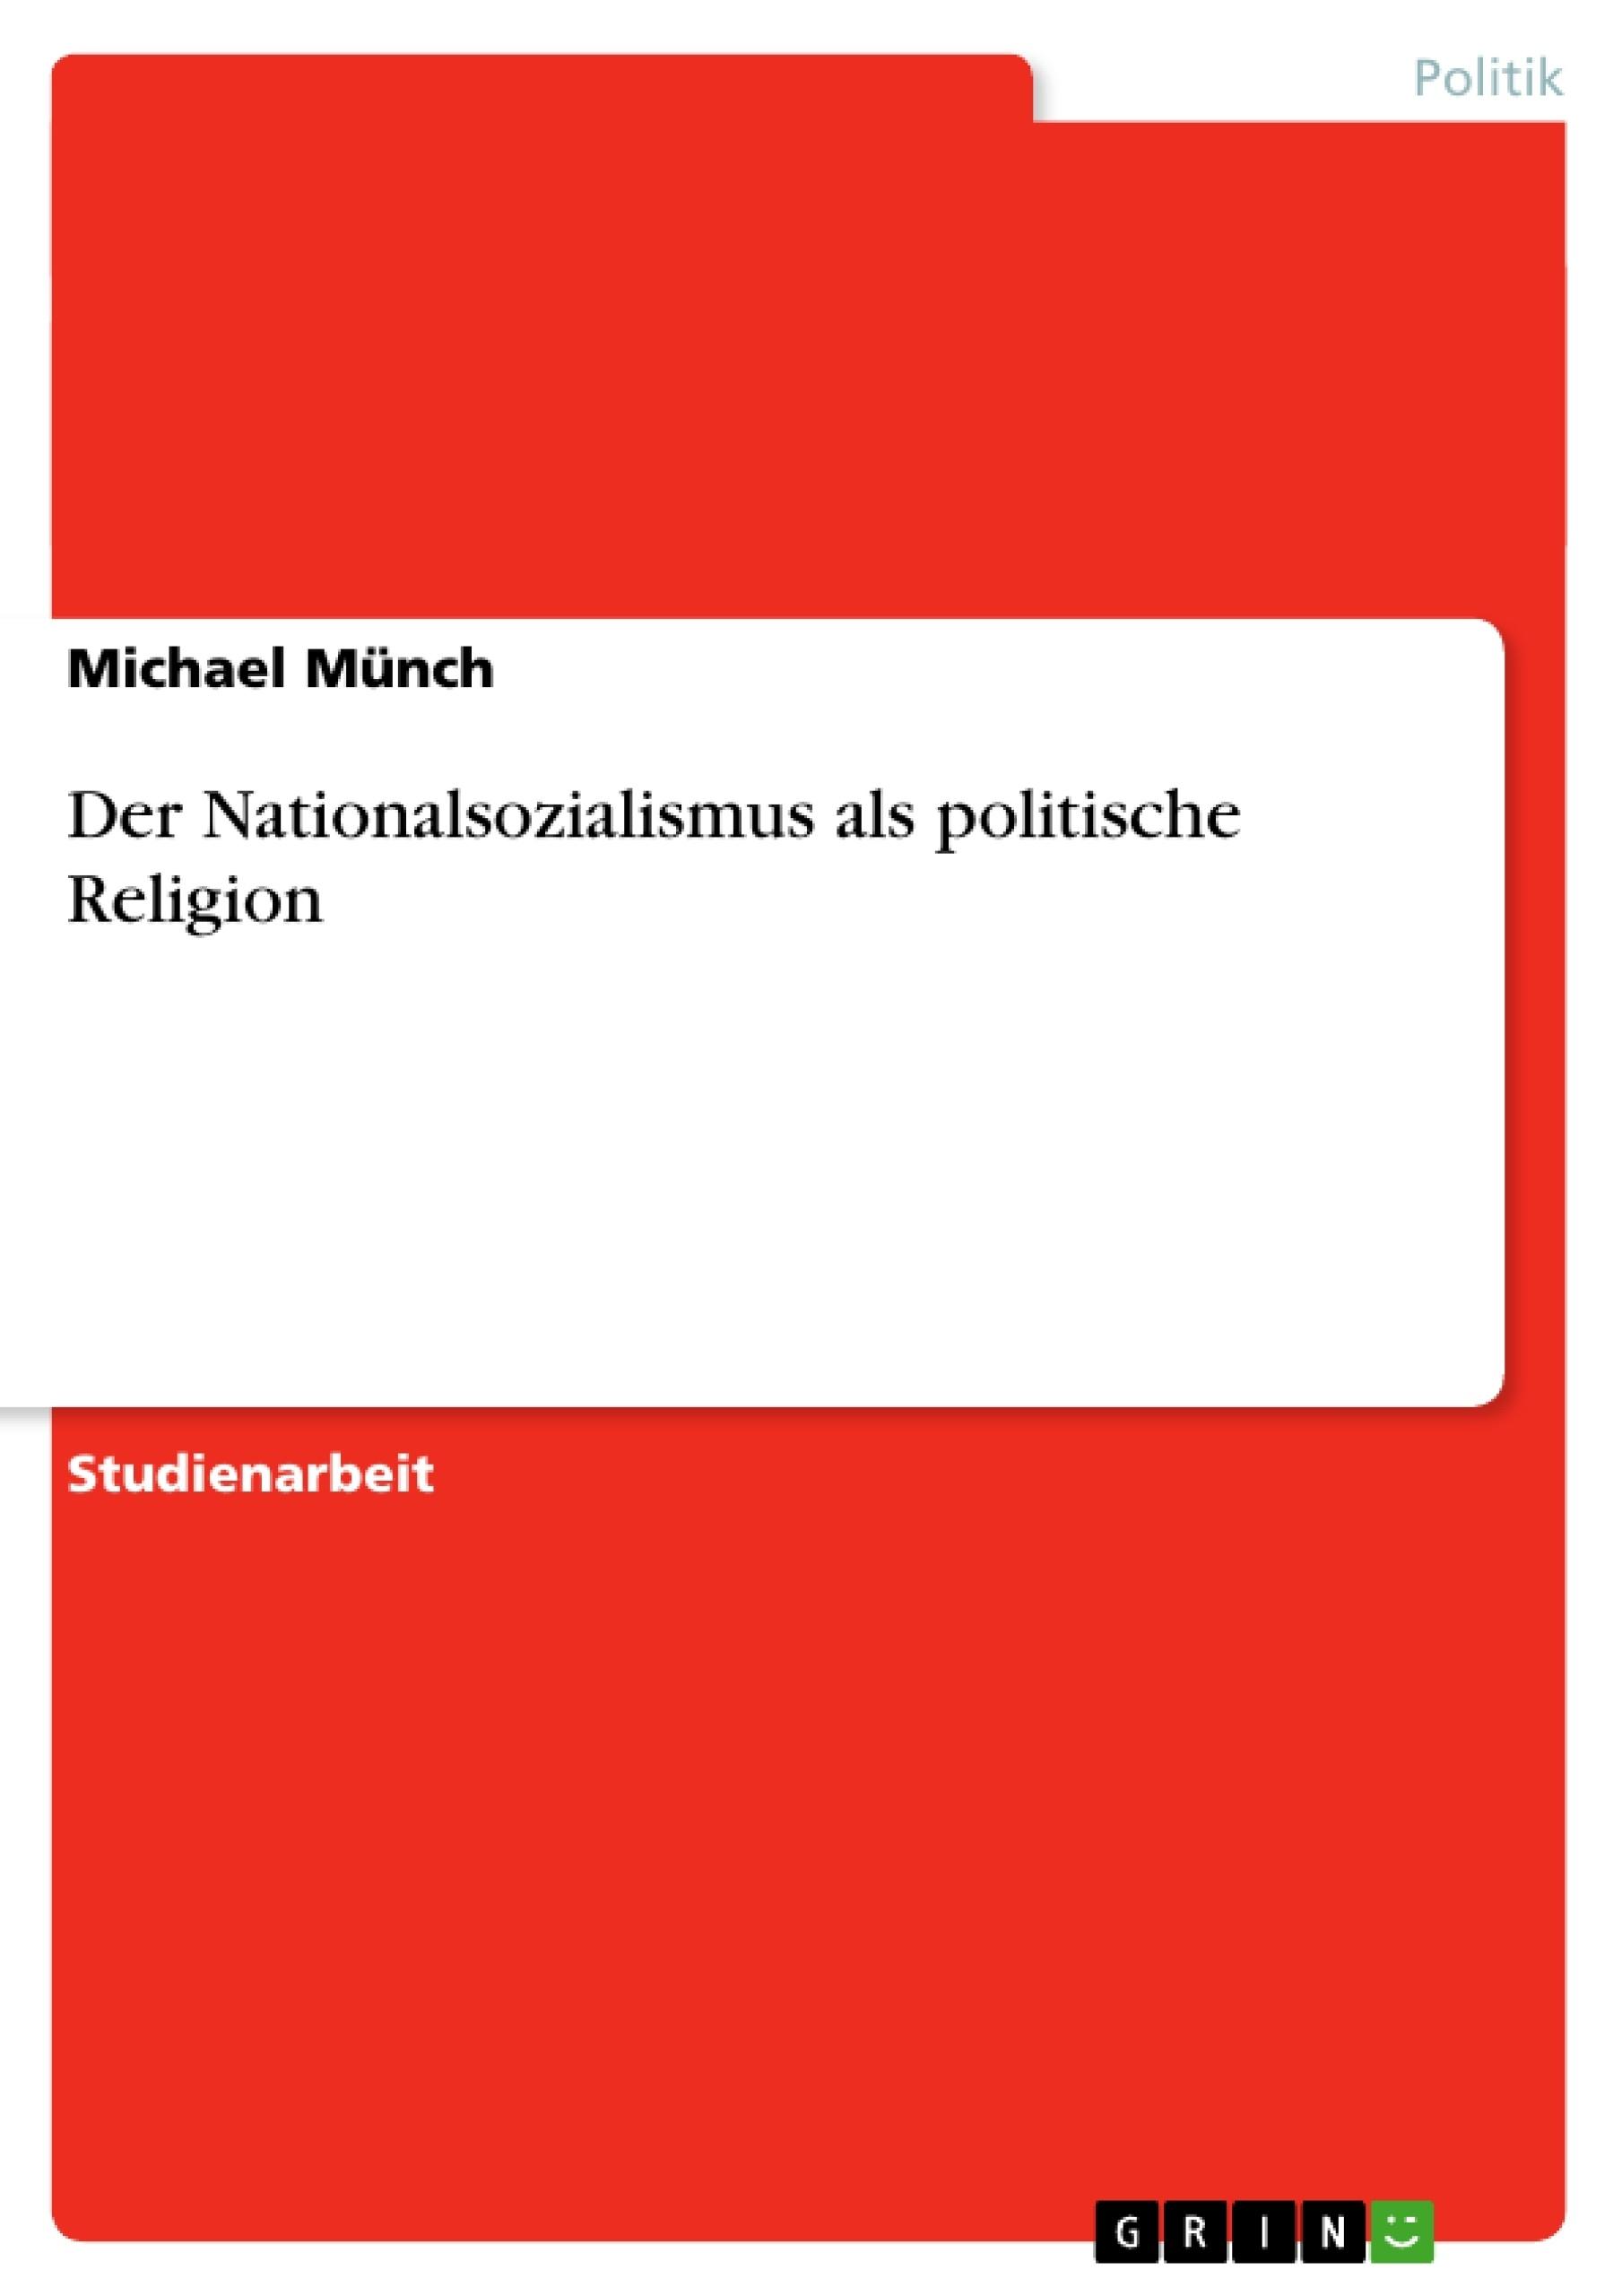 Titel: Der Nationalsozialismus als politische Religion